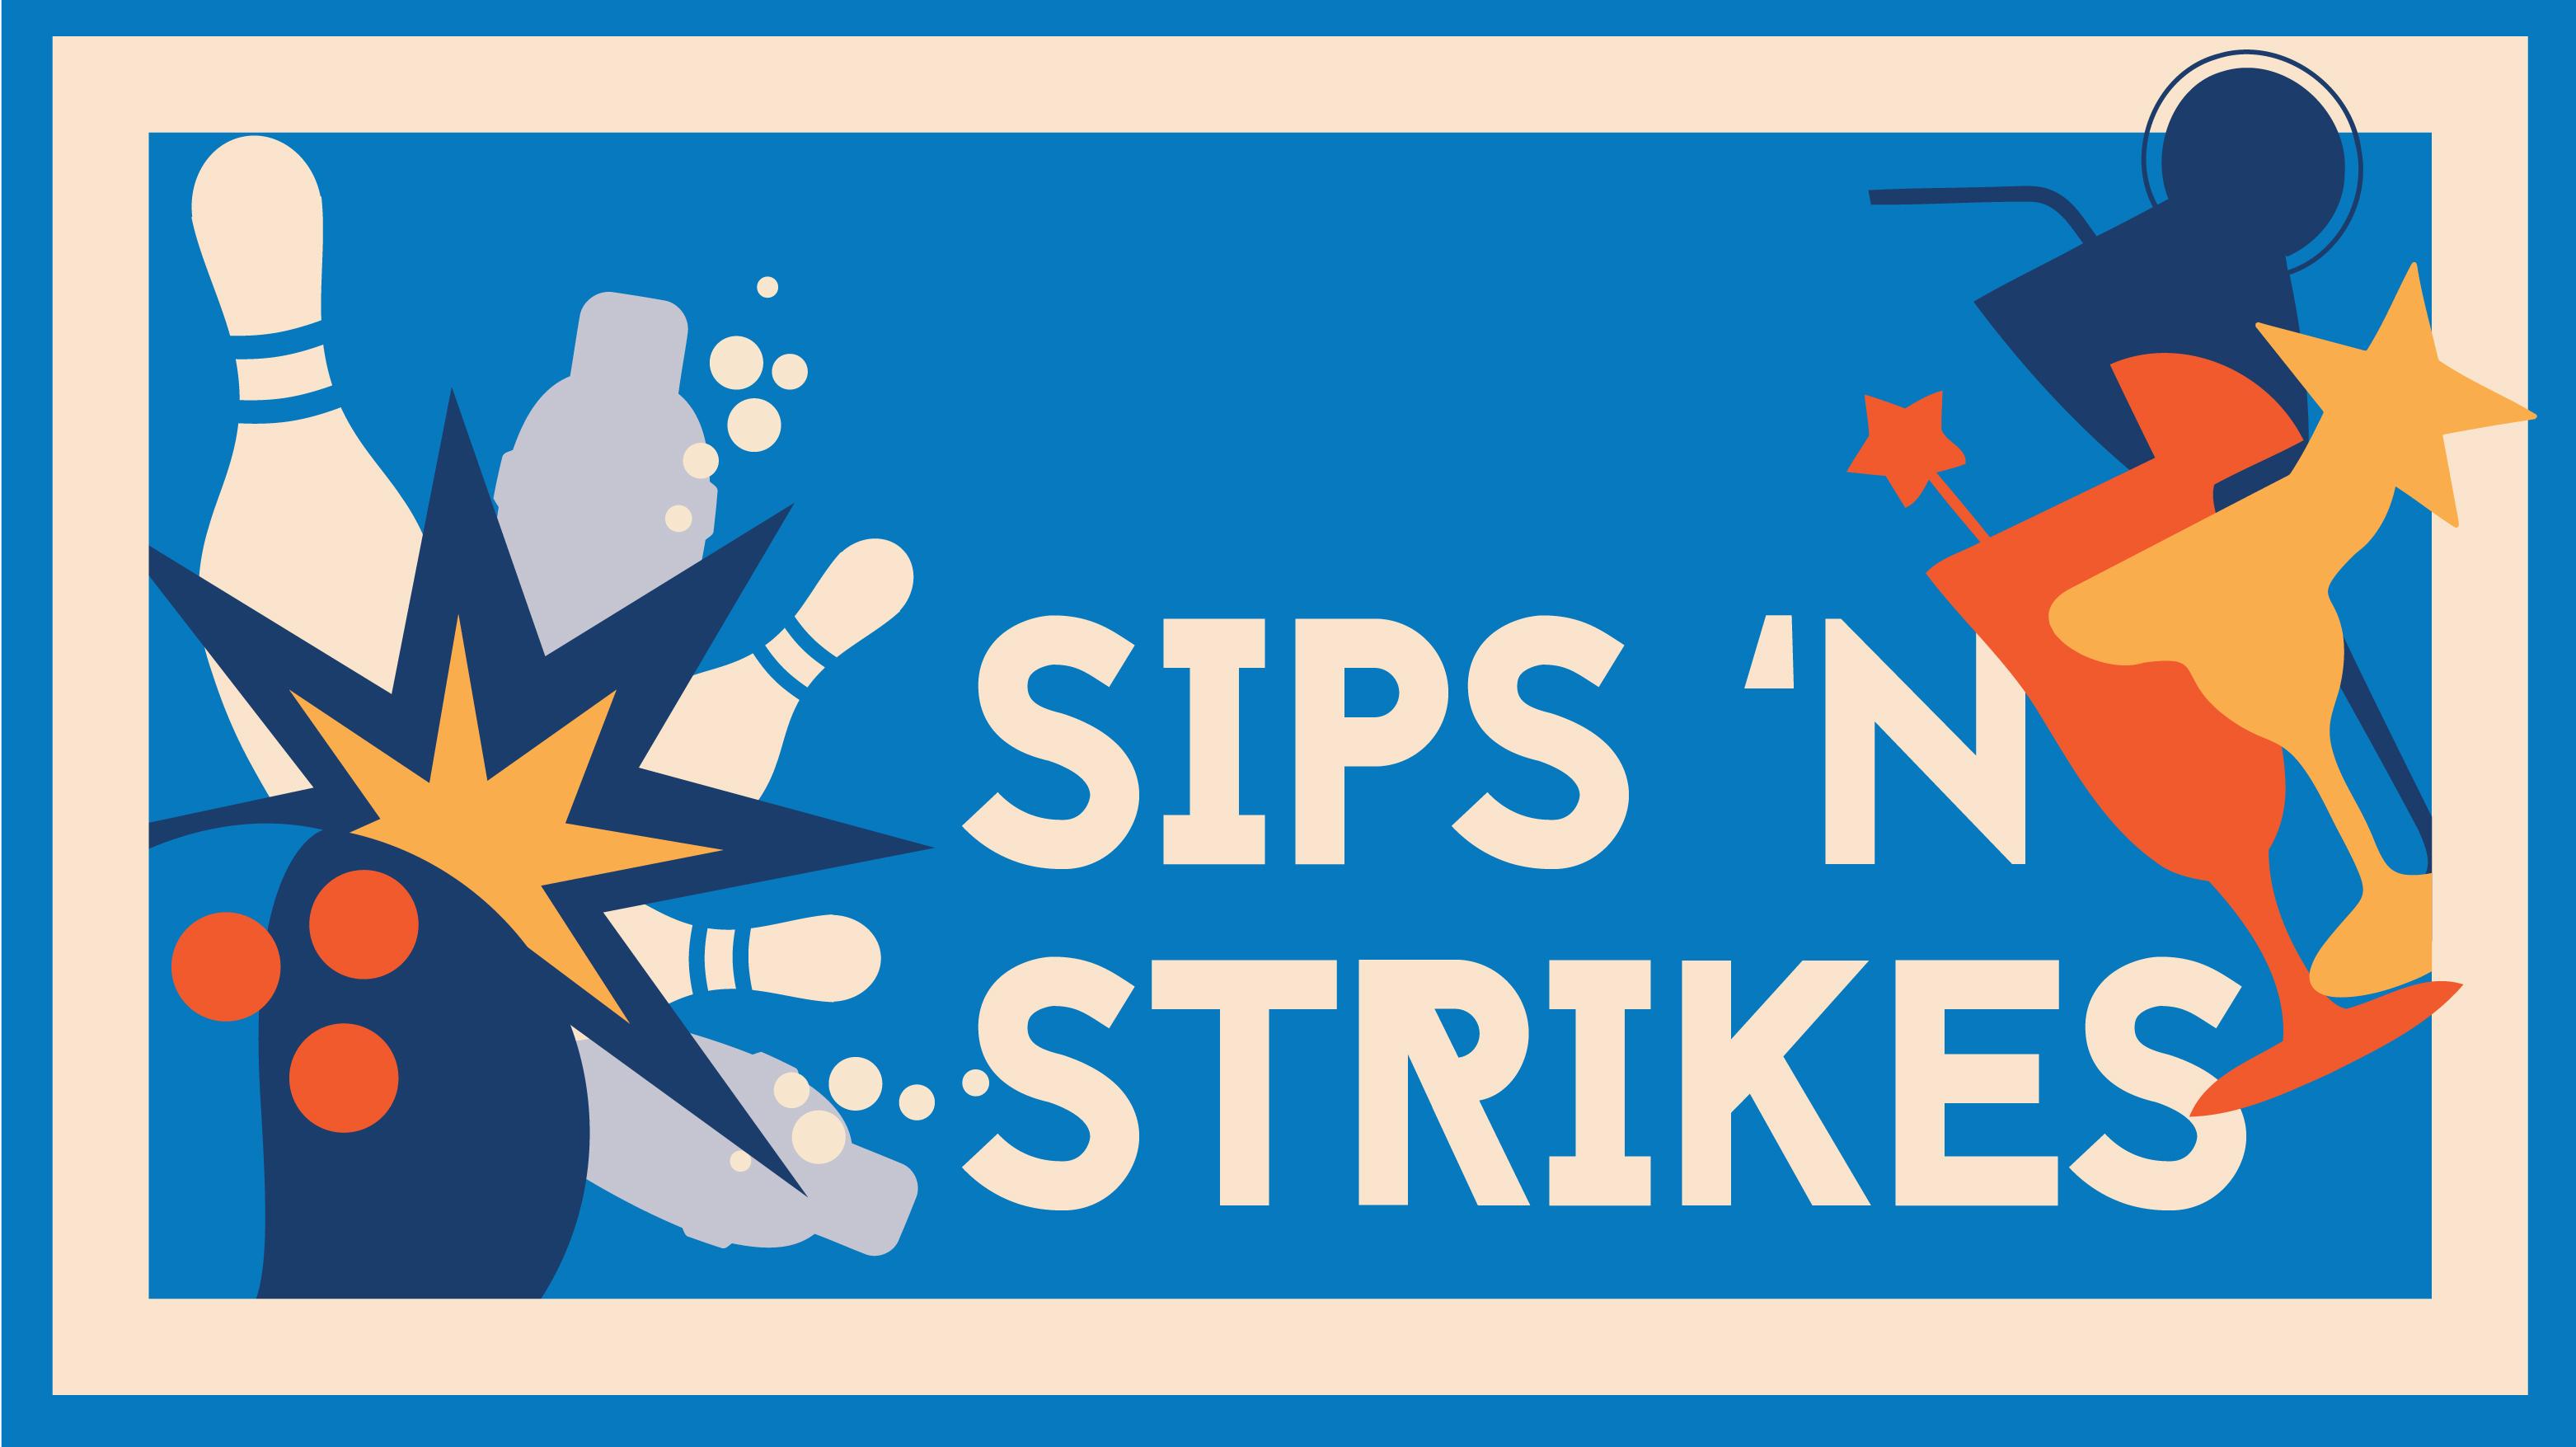 Sips 'N Strikes